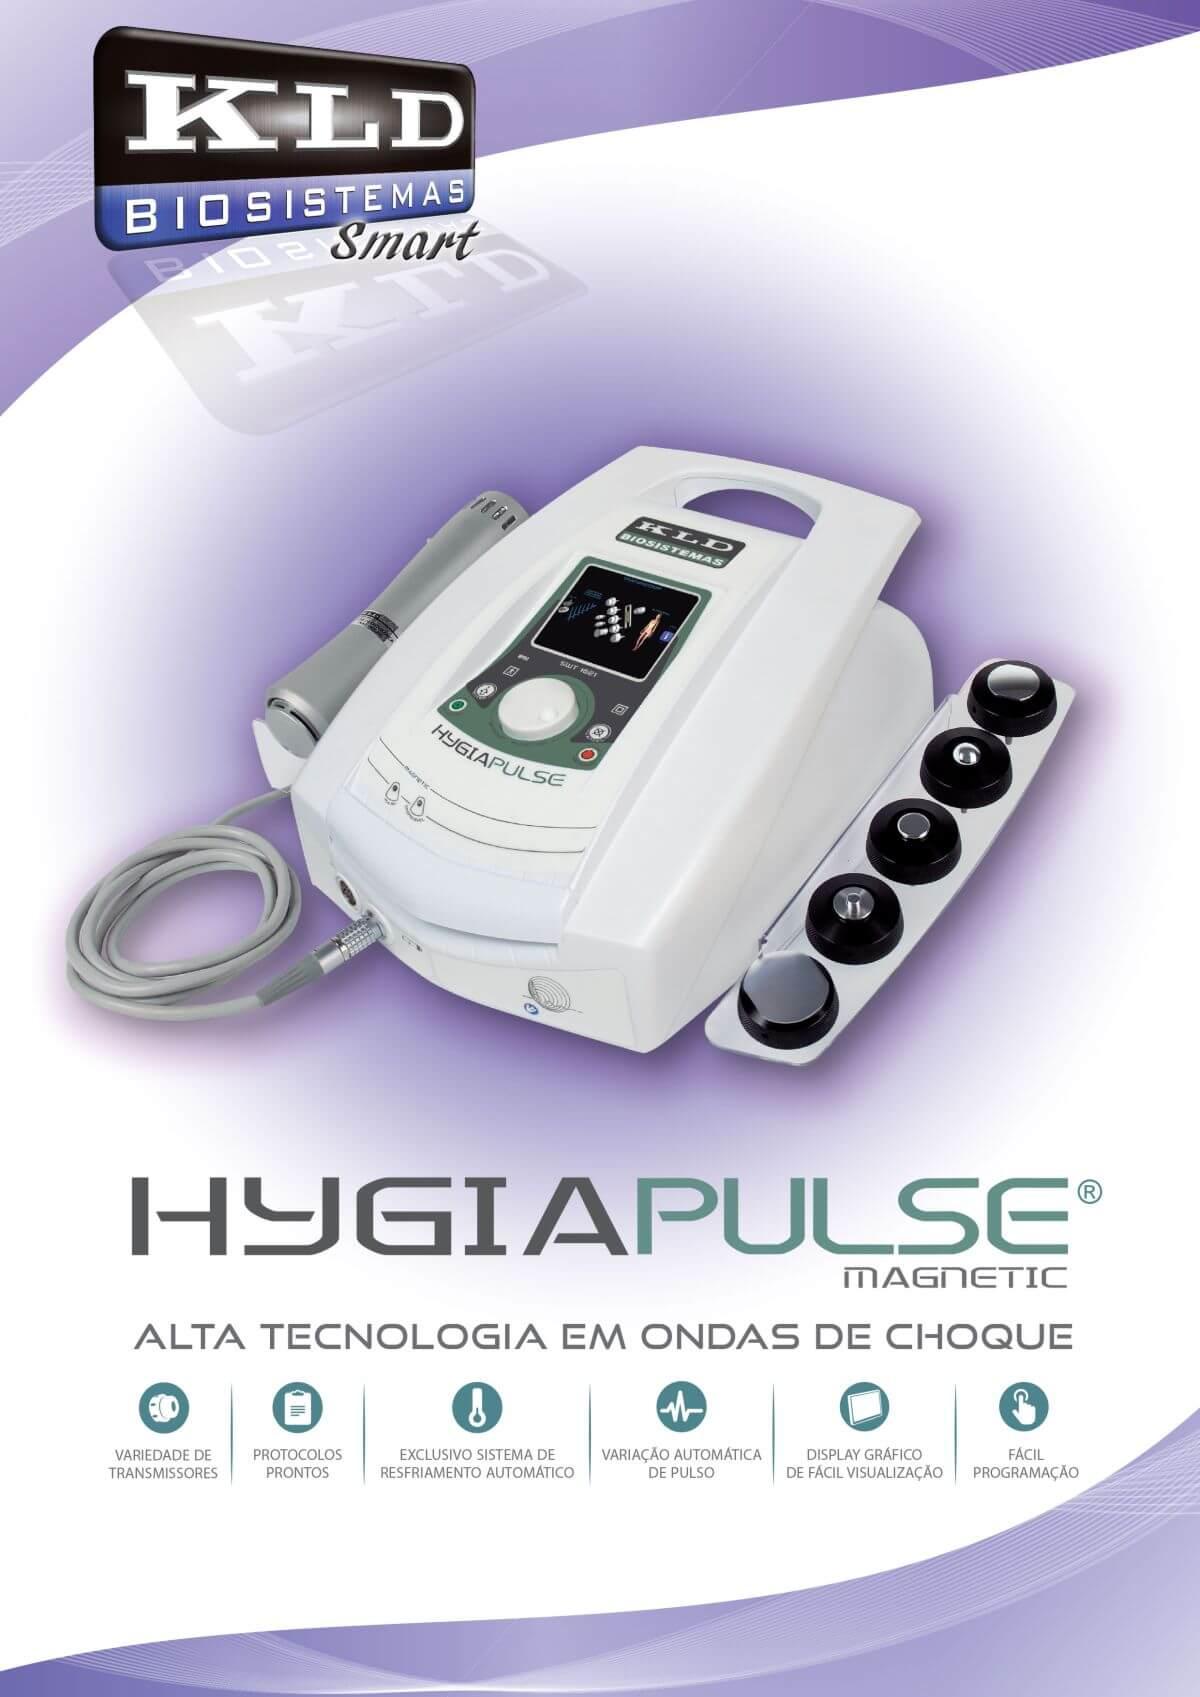 Hygiapulse - Ondas de Choque Eletromagnético